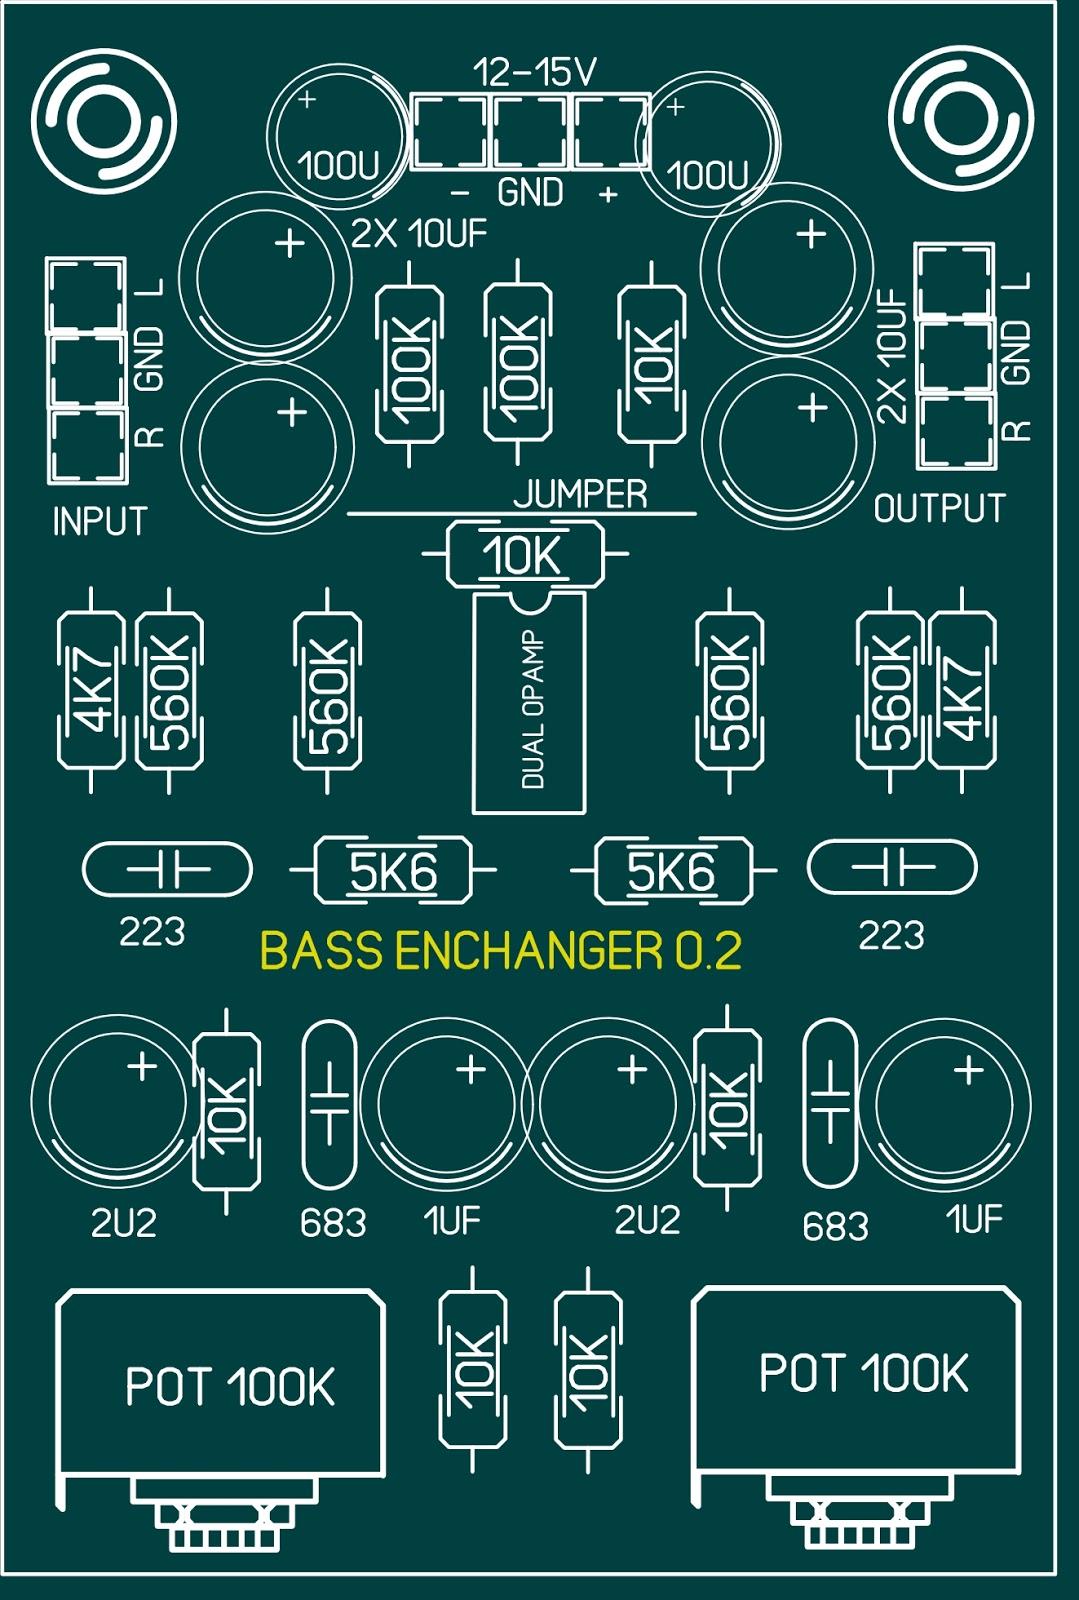 Cara Membuat Tone Control Mono Subwoofer Modifikasi Dan Assesoris Layout Pcb Bass Enchanger Stereo Pengatur Suara